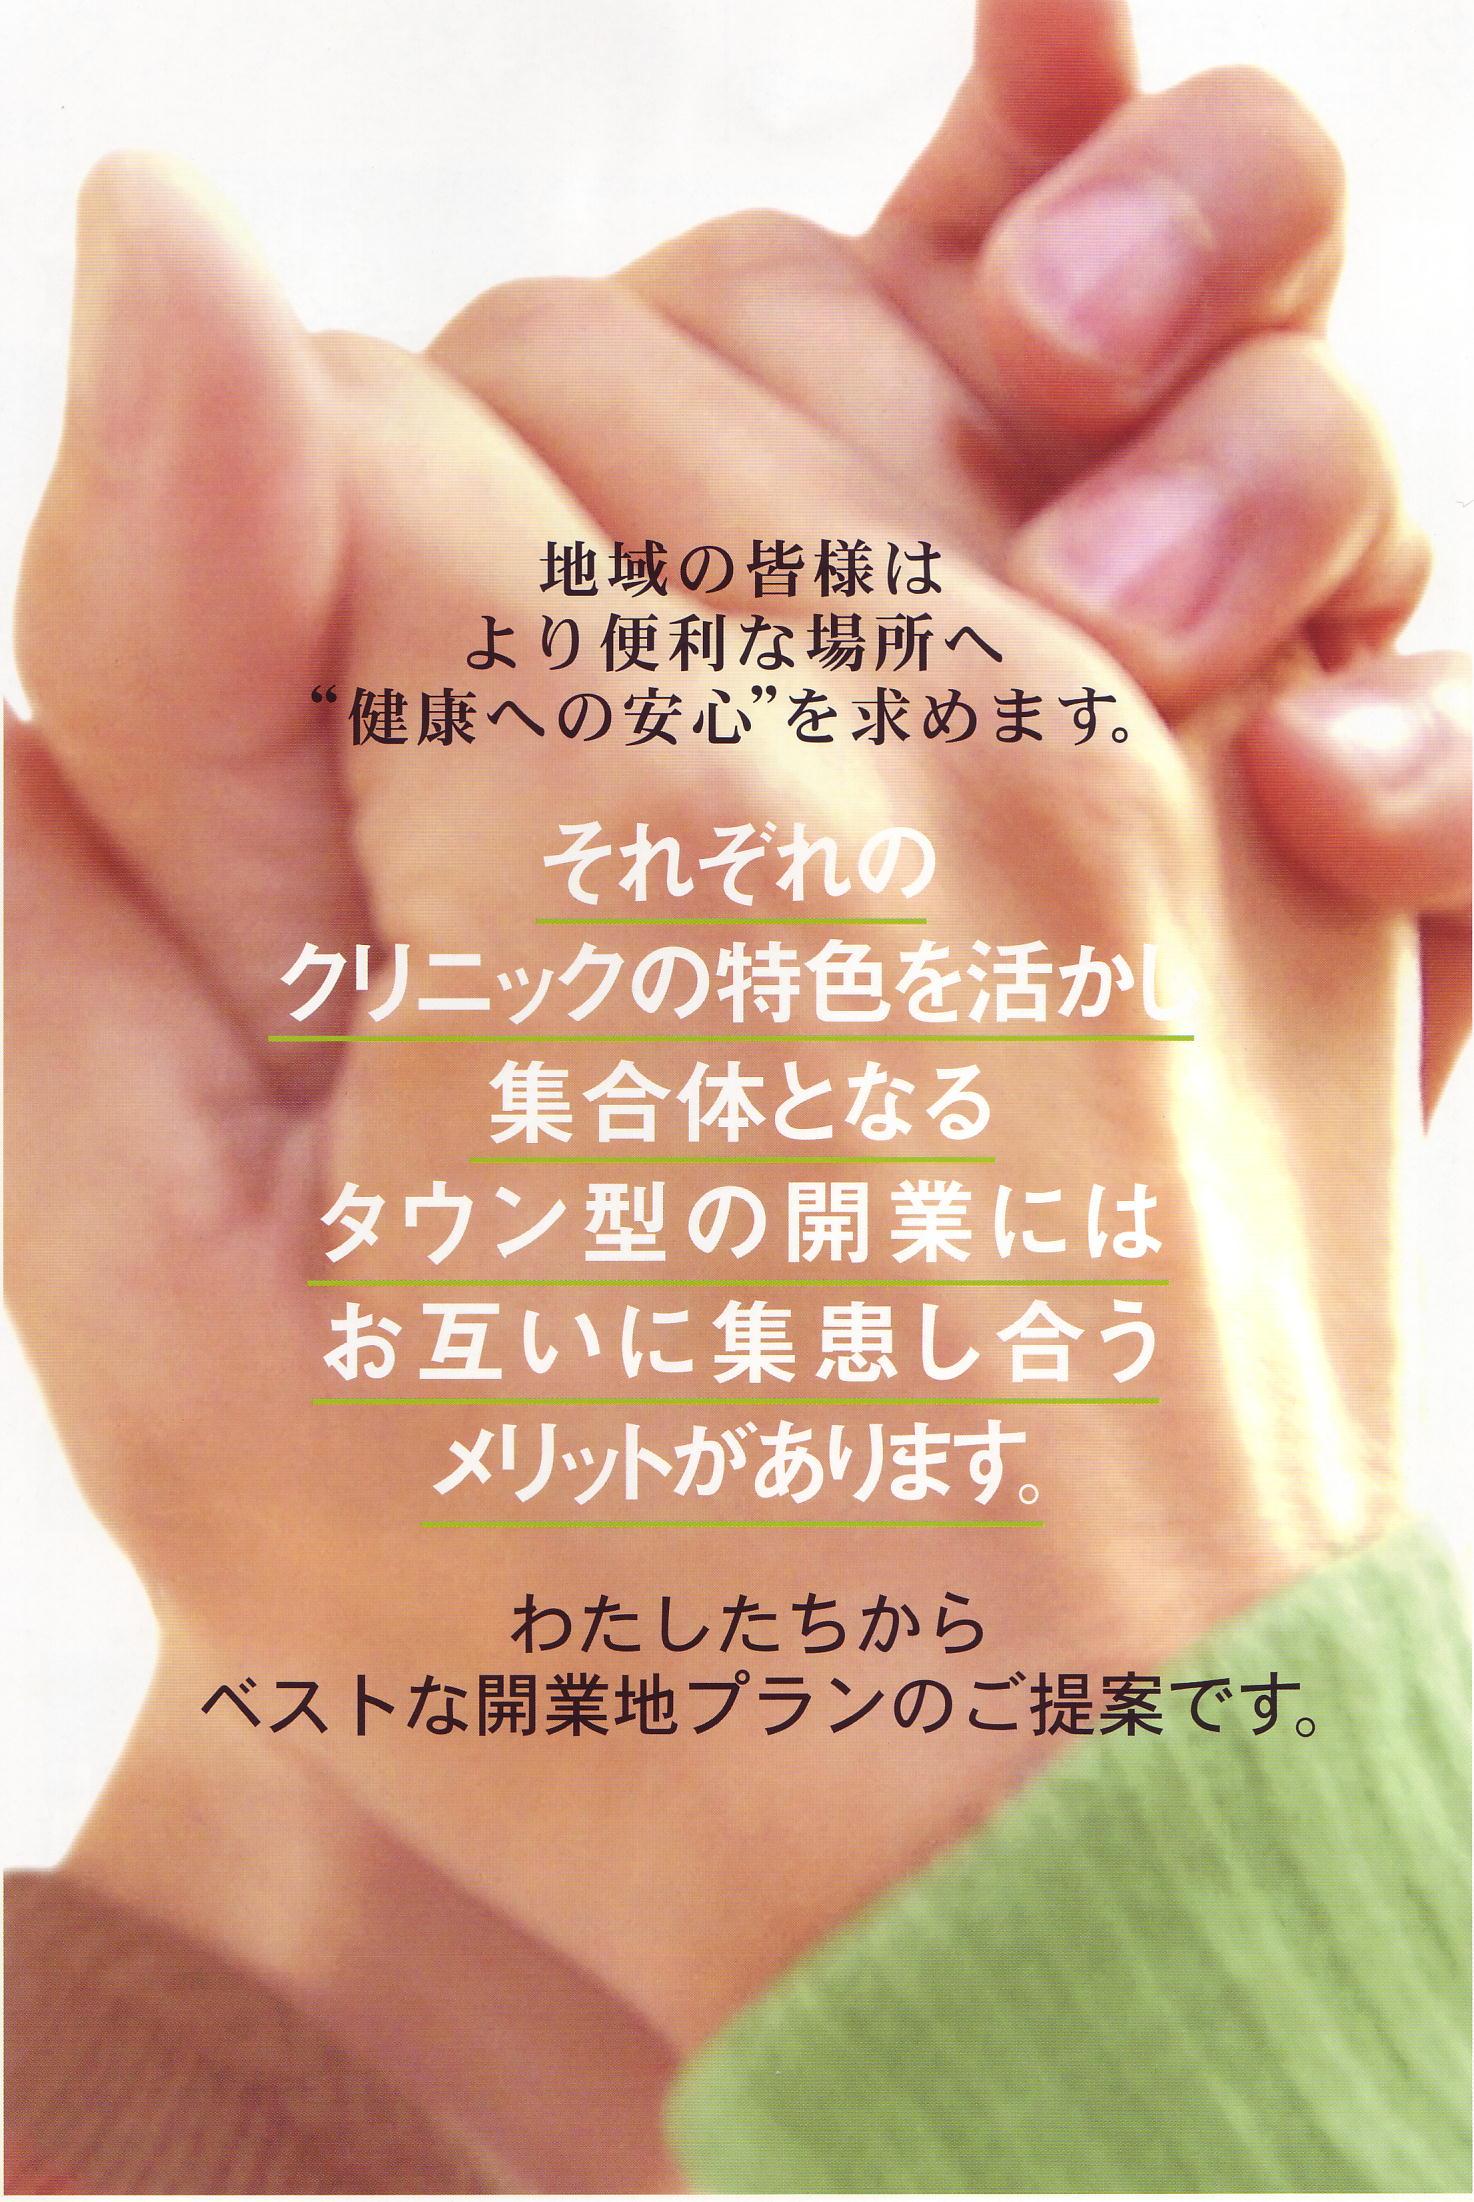 201010121145479293.jpg